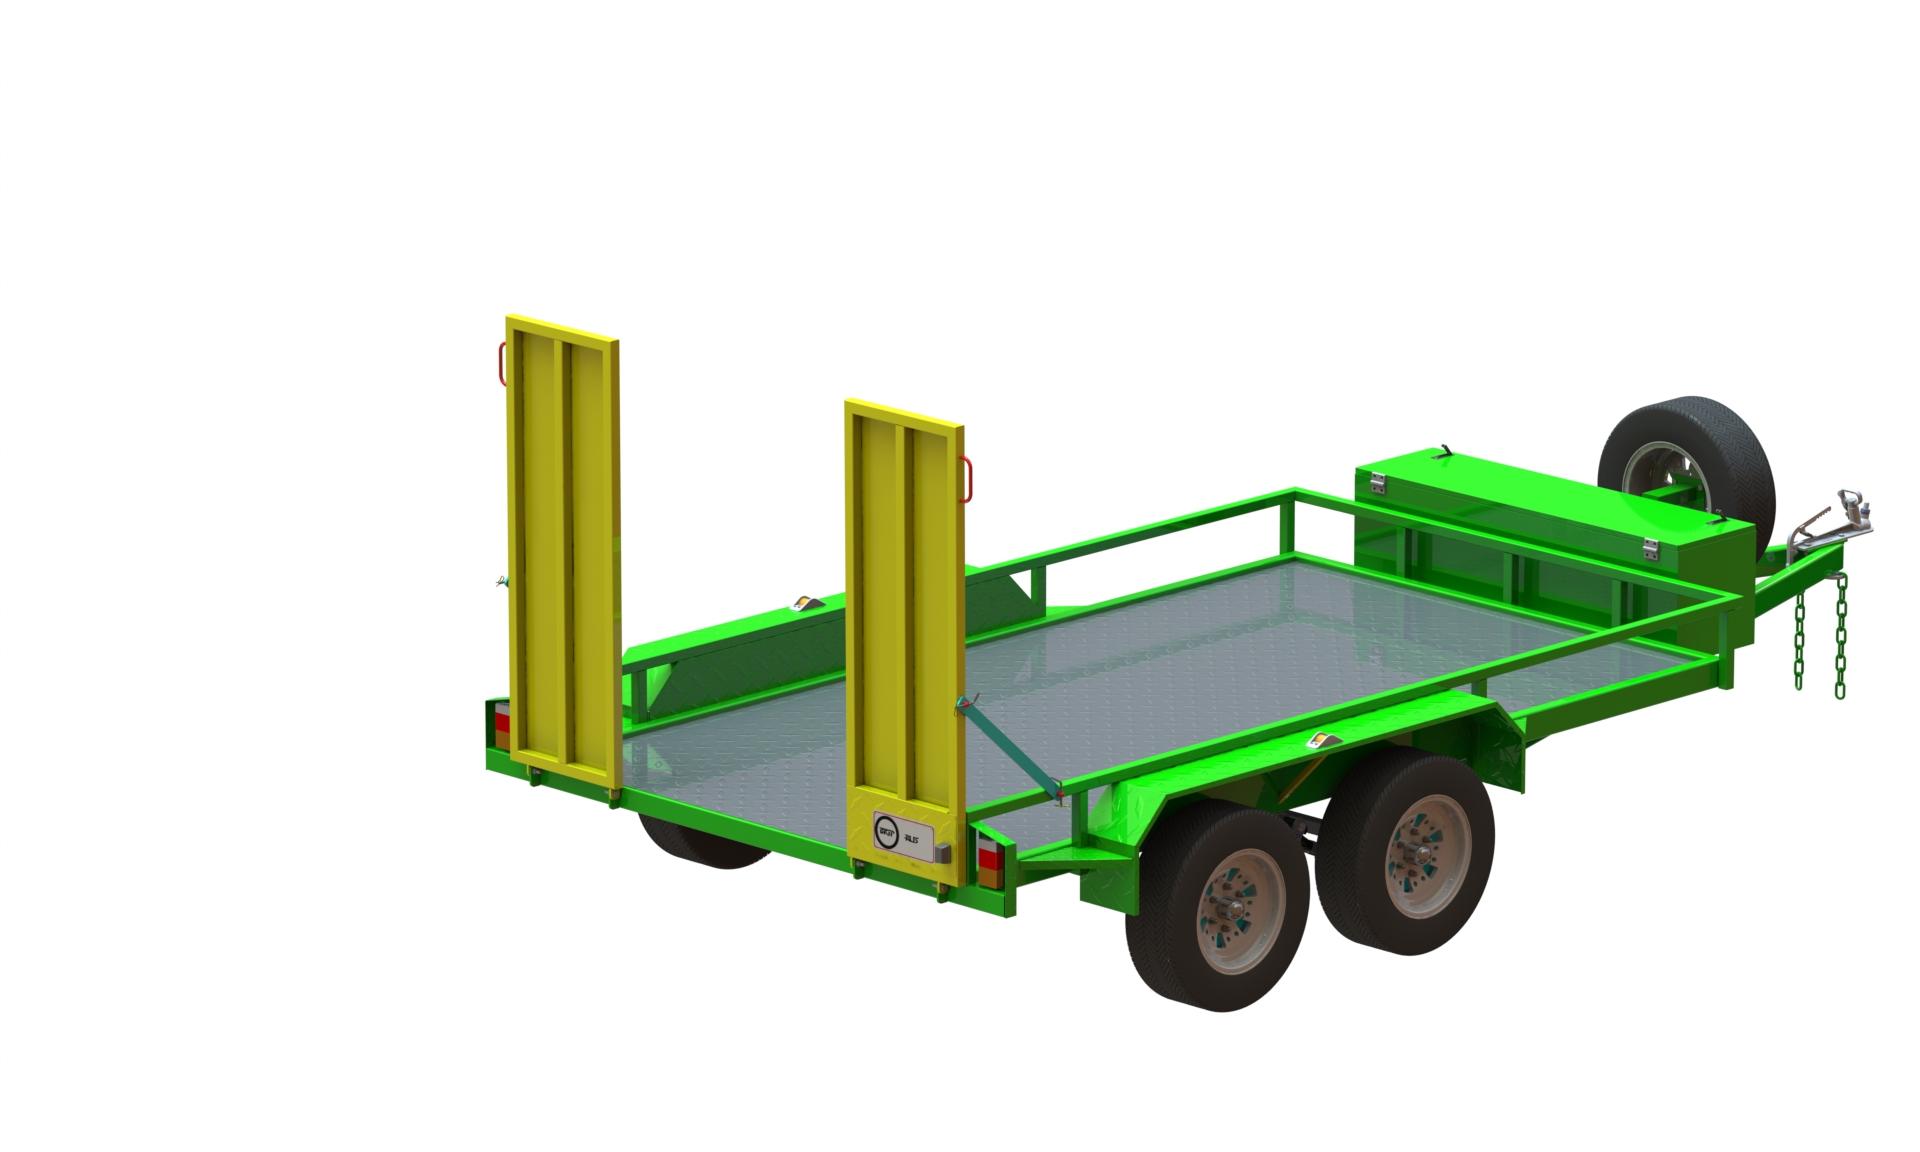 2440 x 1600单轴拖车3D数模图纸